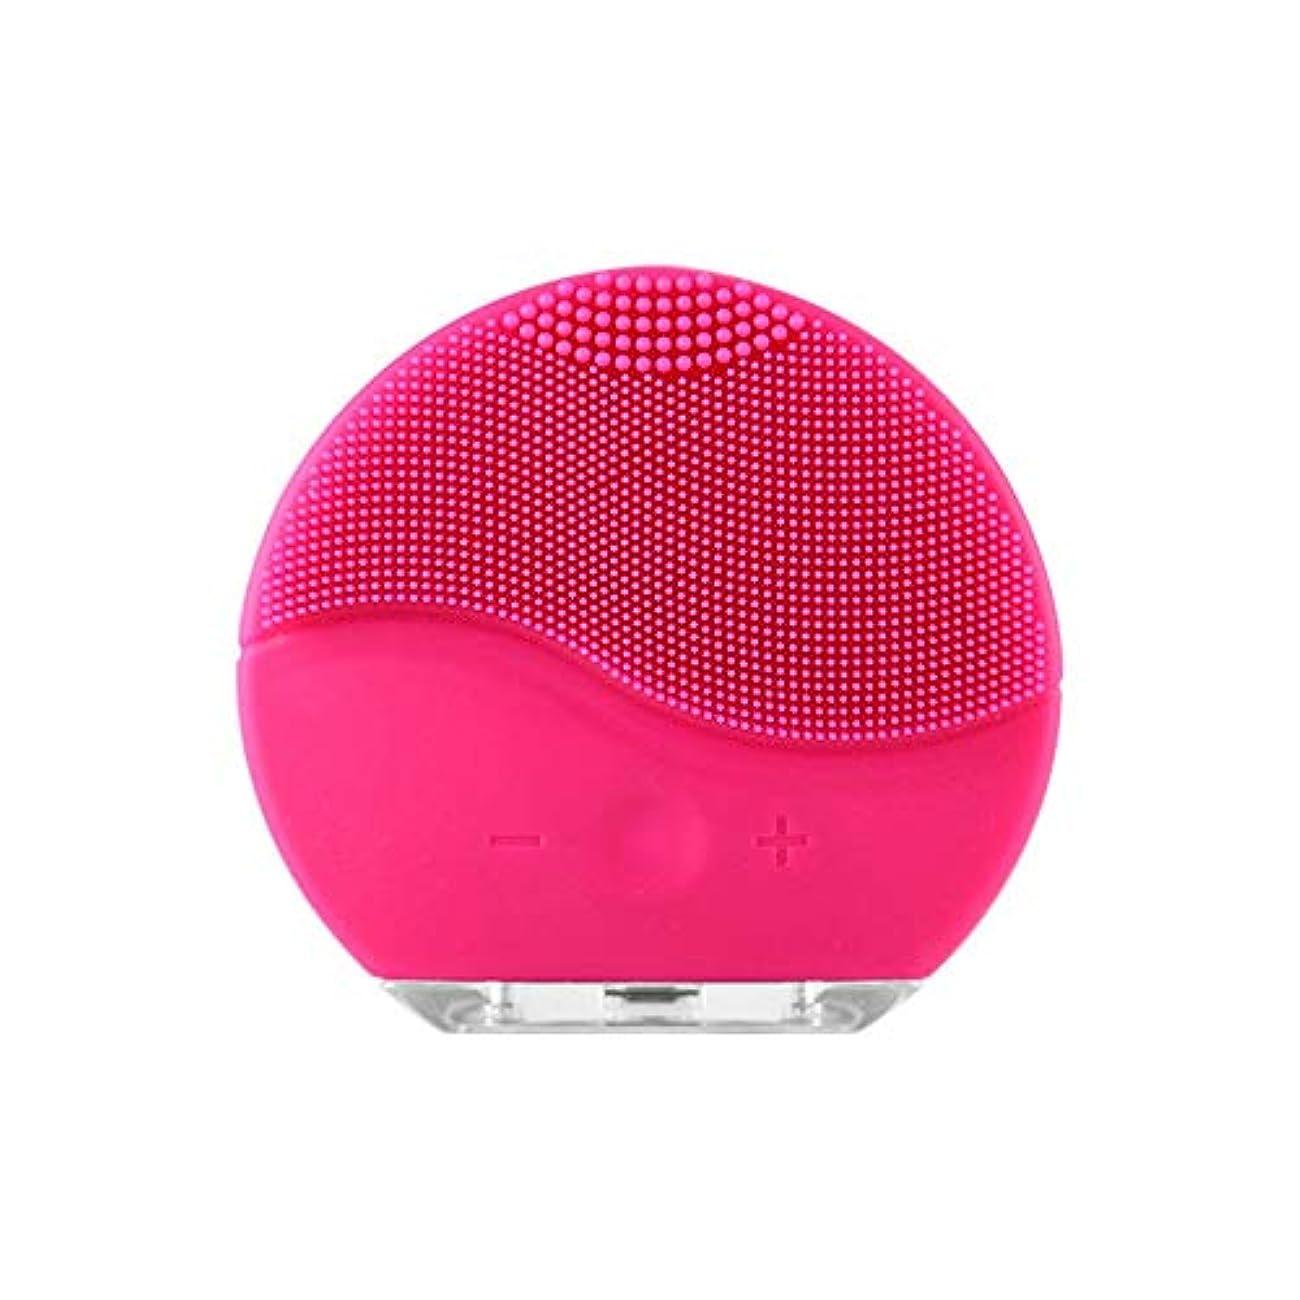 利得微生物無謀ZXF 新しい家庭用電化製品洗浄器具USB充電シリコーン電気美容器具洗浄ブラシピンク赤 滑らかである (色 : Red)